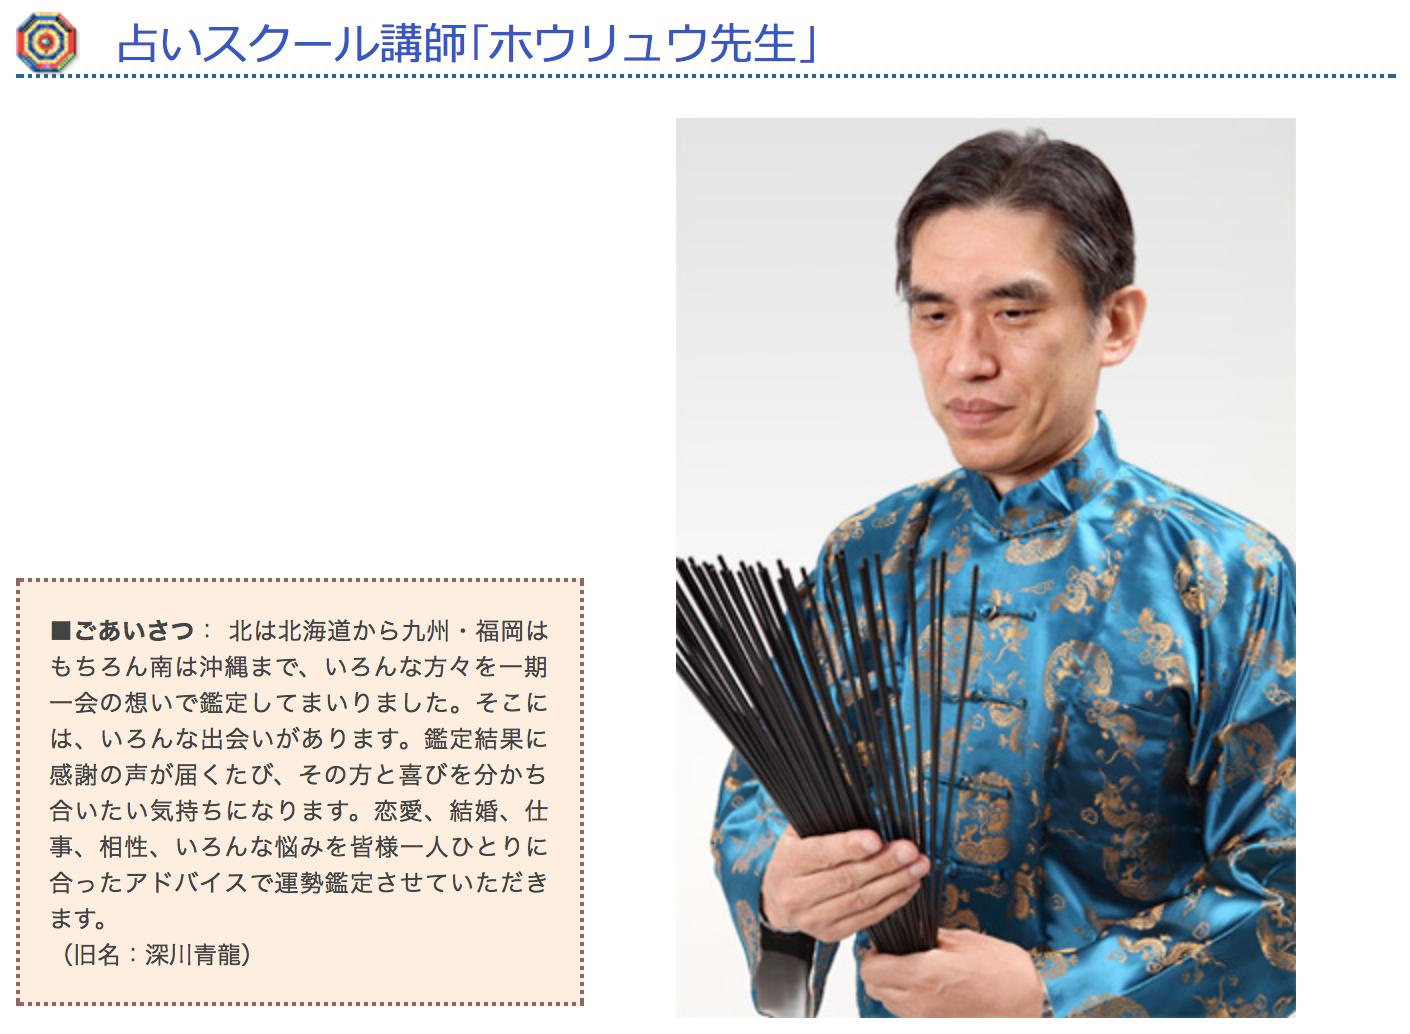 宝琉館本館に在籍している深川宝琉先生